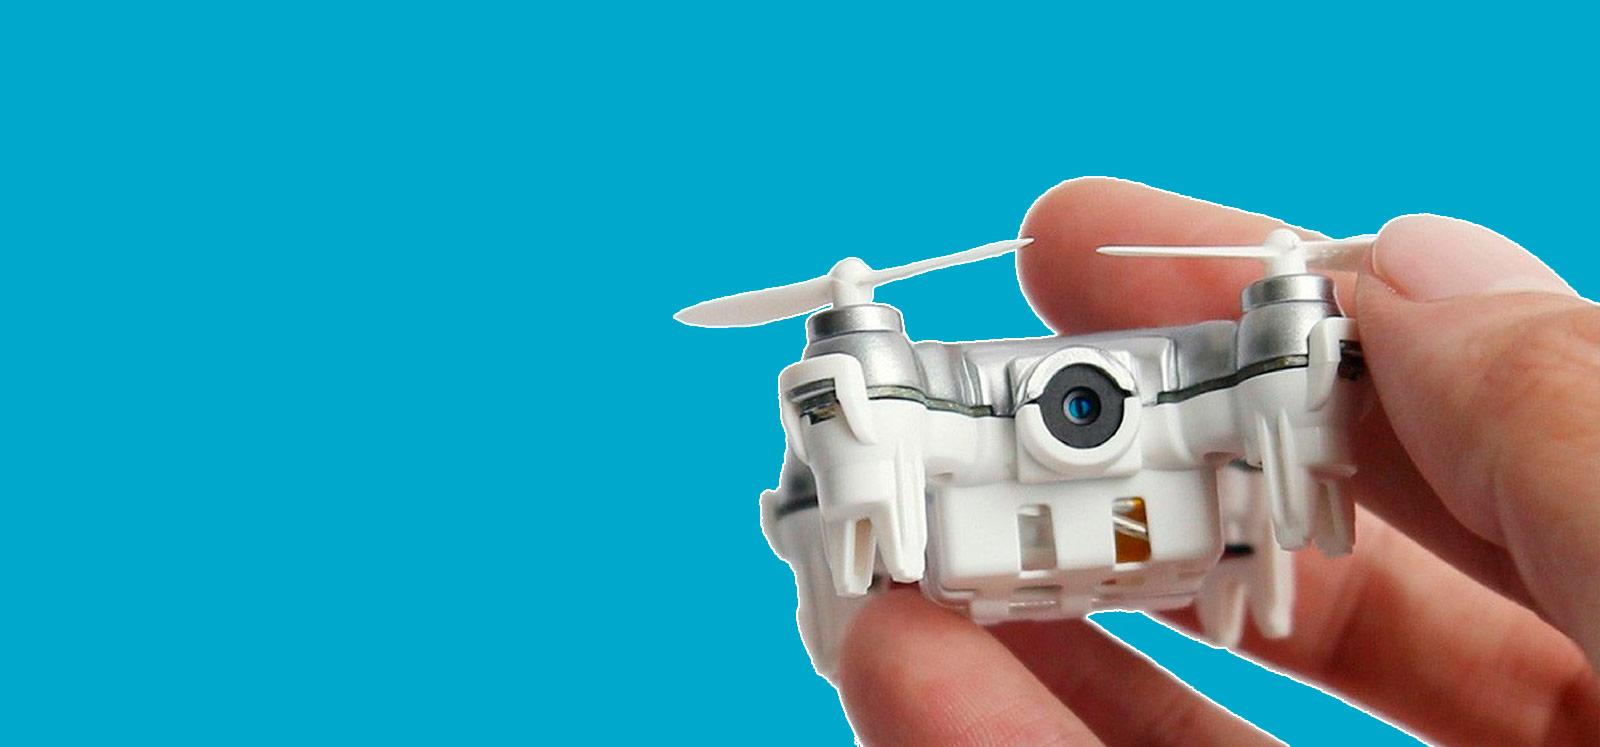 mini dron con cámara de iniciación